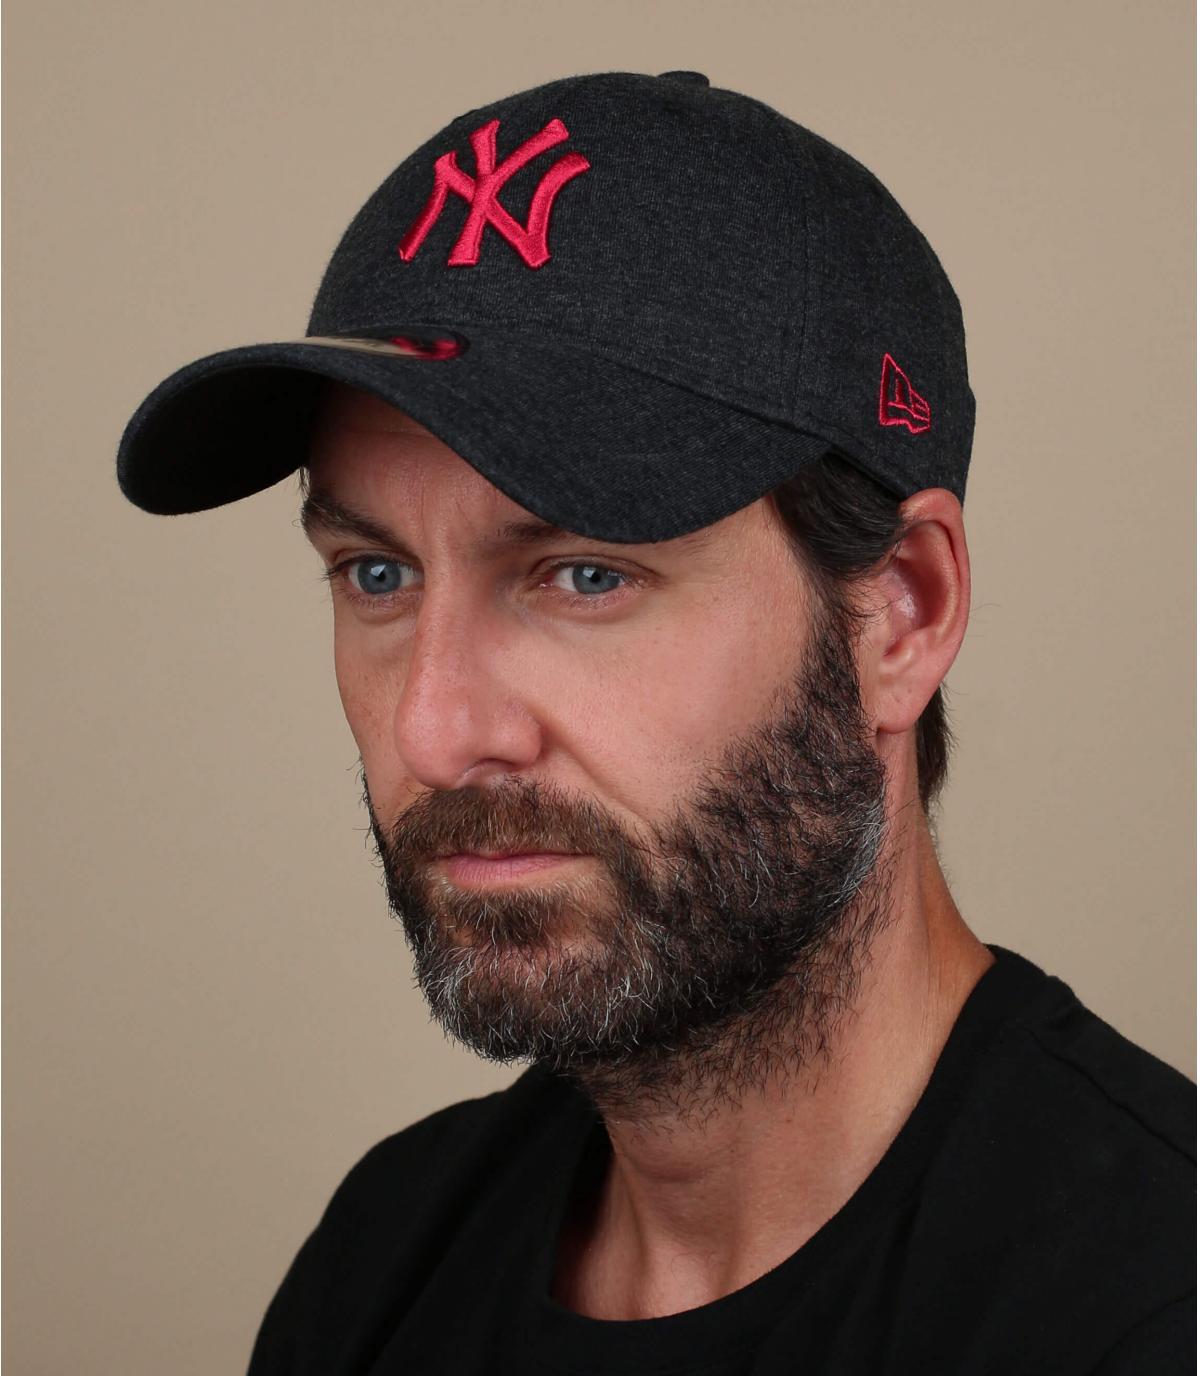 Cappellino rosso nero NY